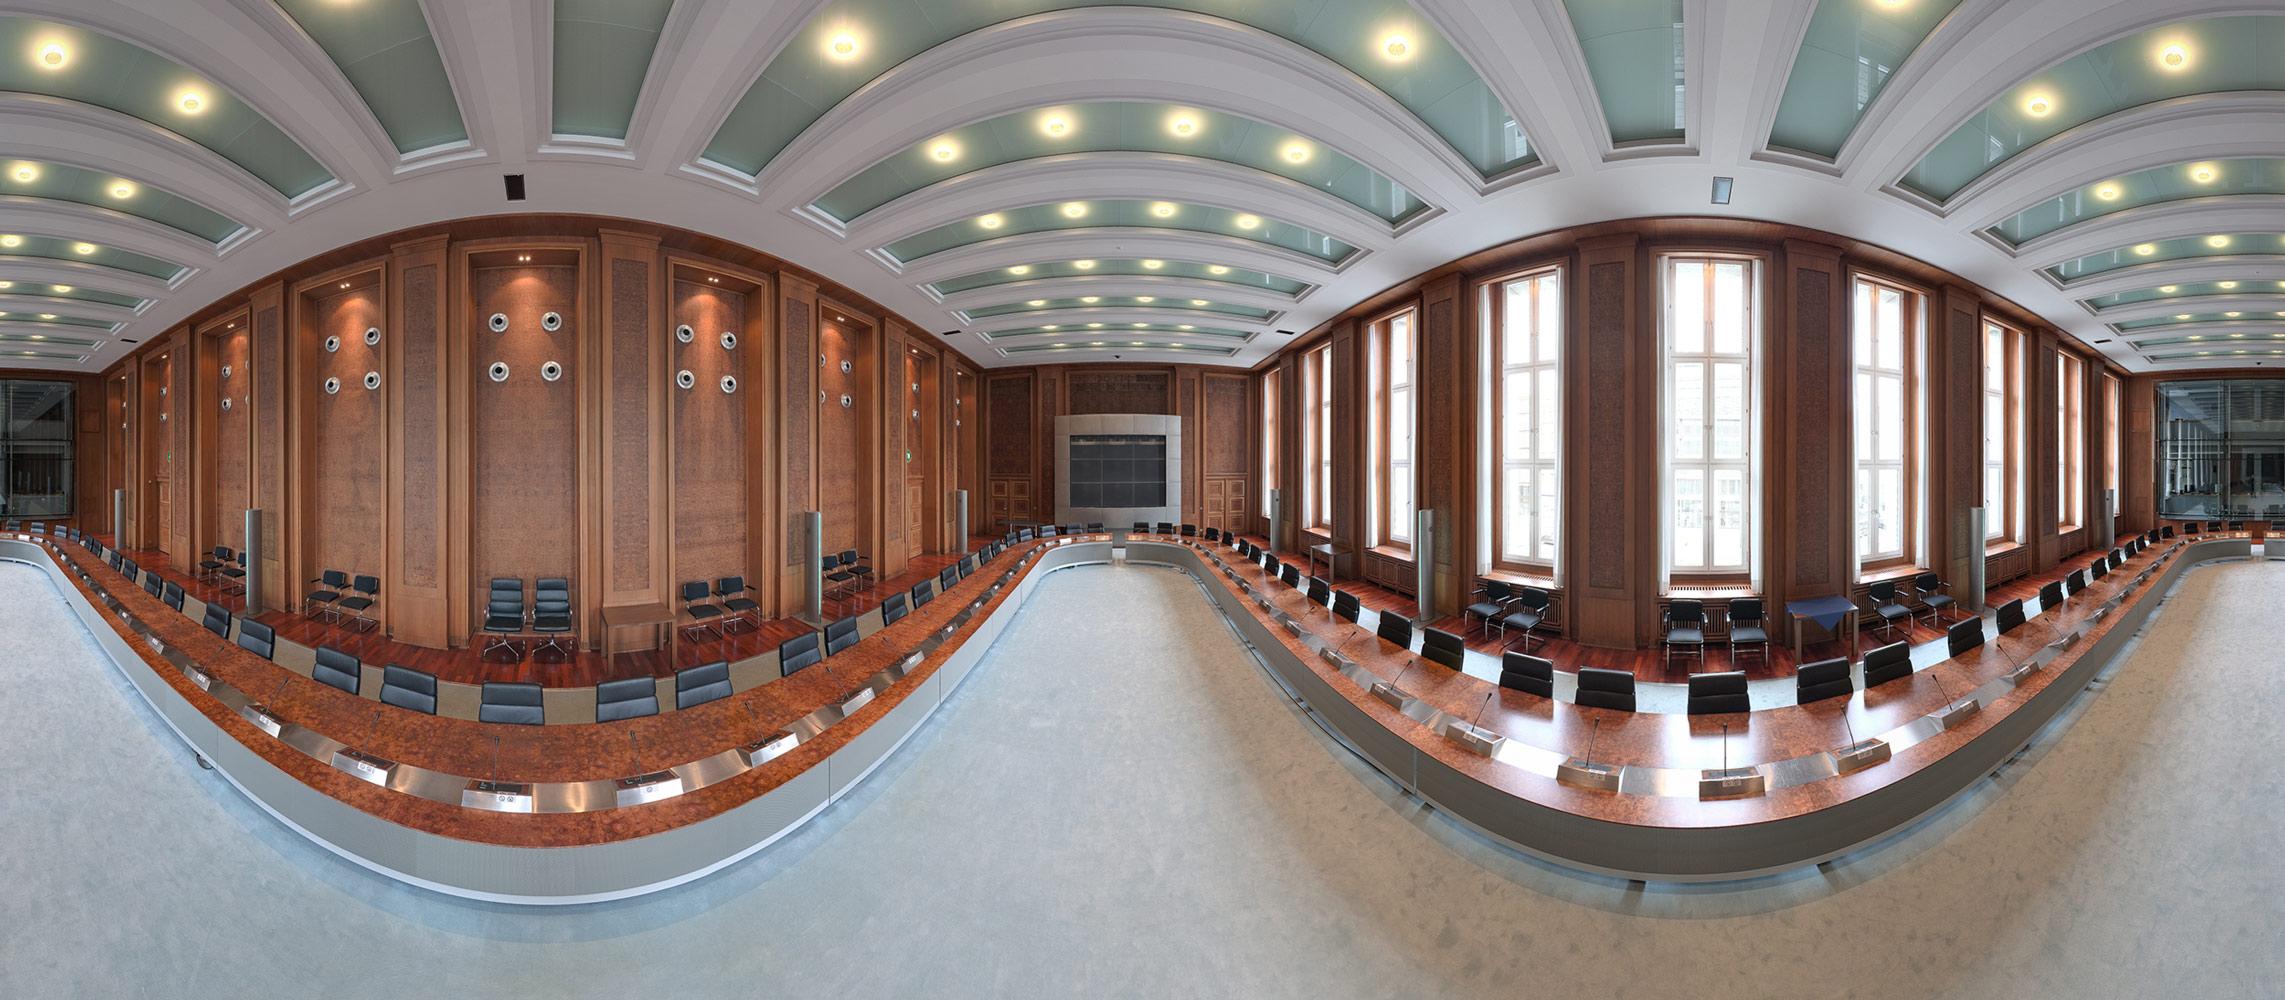 360 Grad Fotos aus dem Bundesministerium der Finanzen